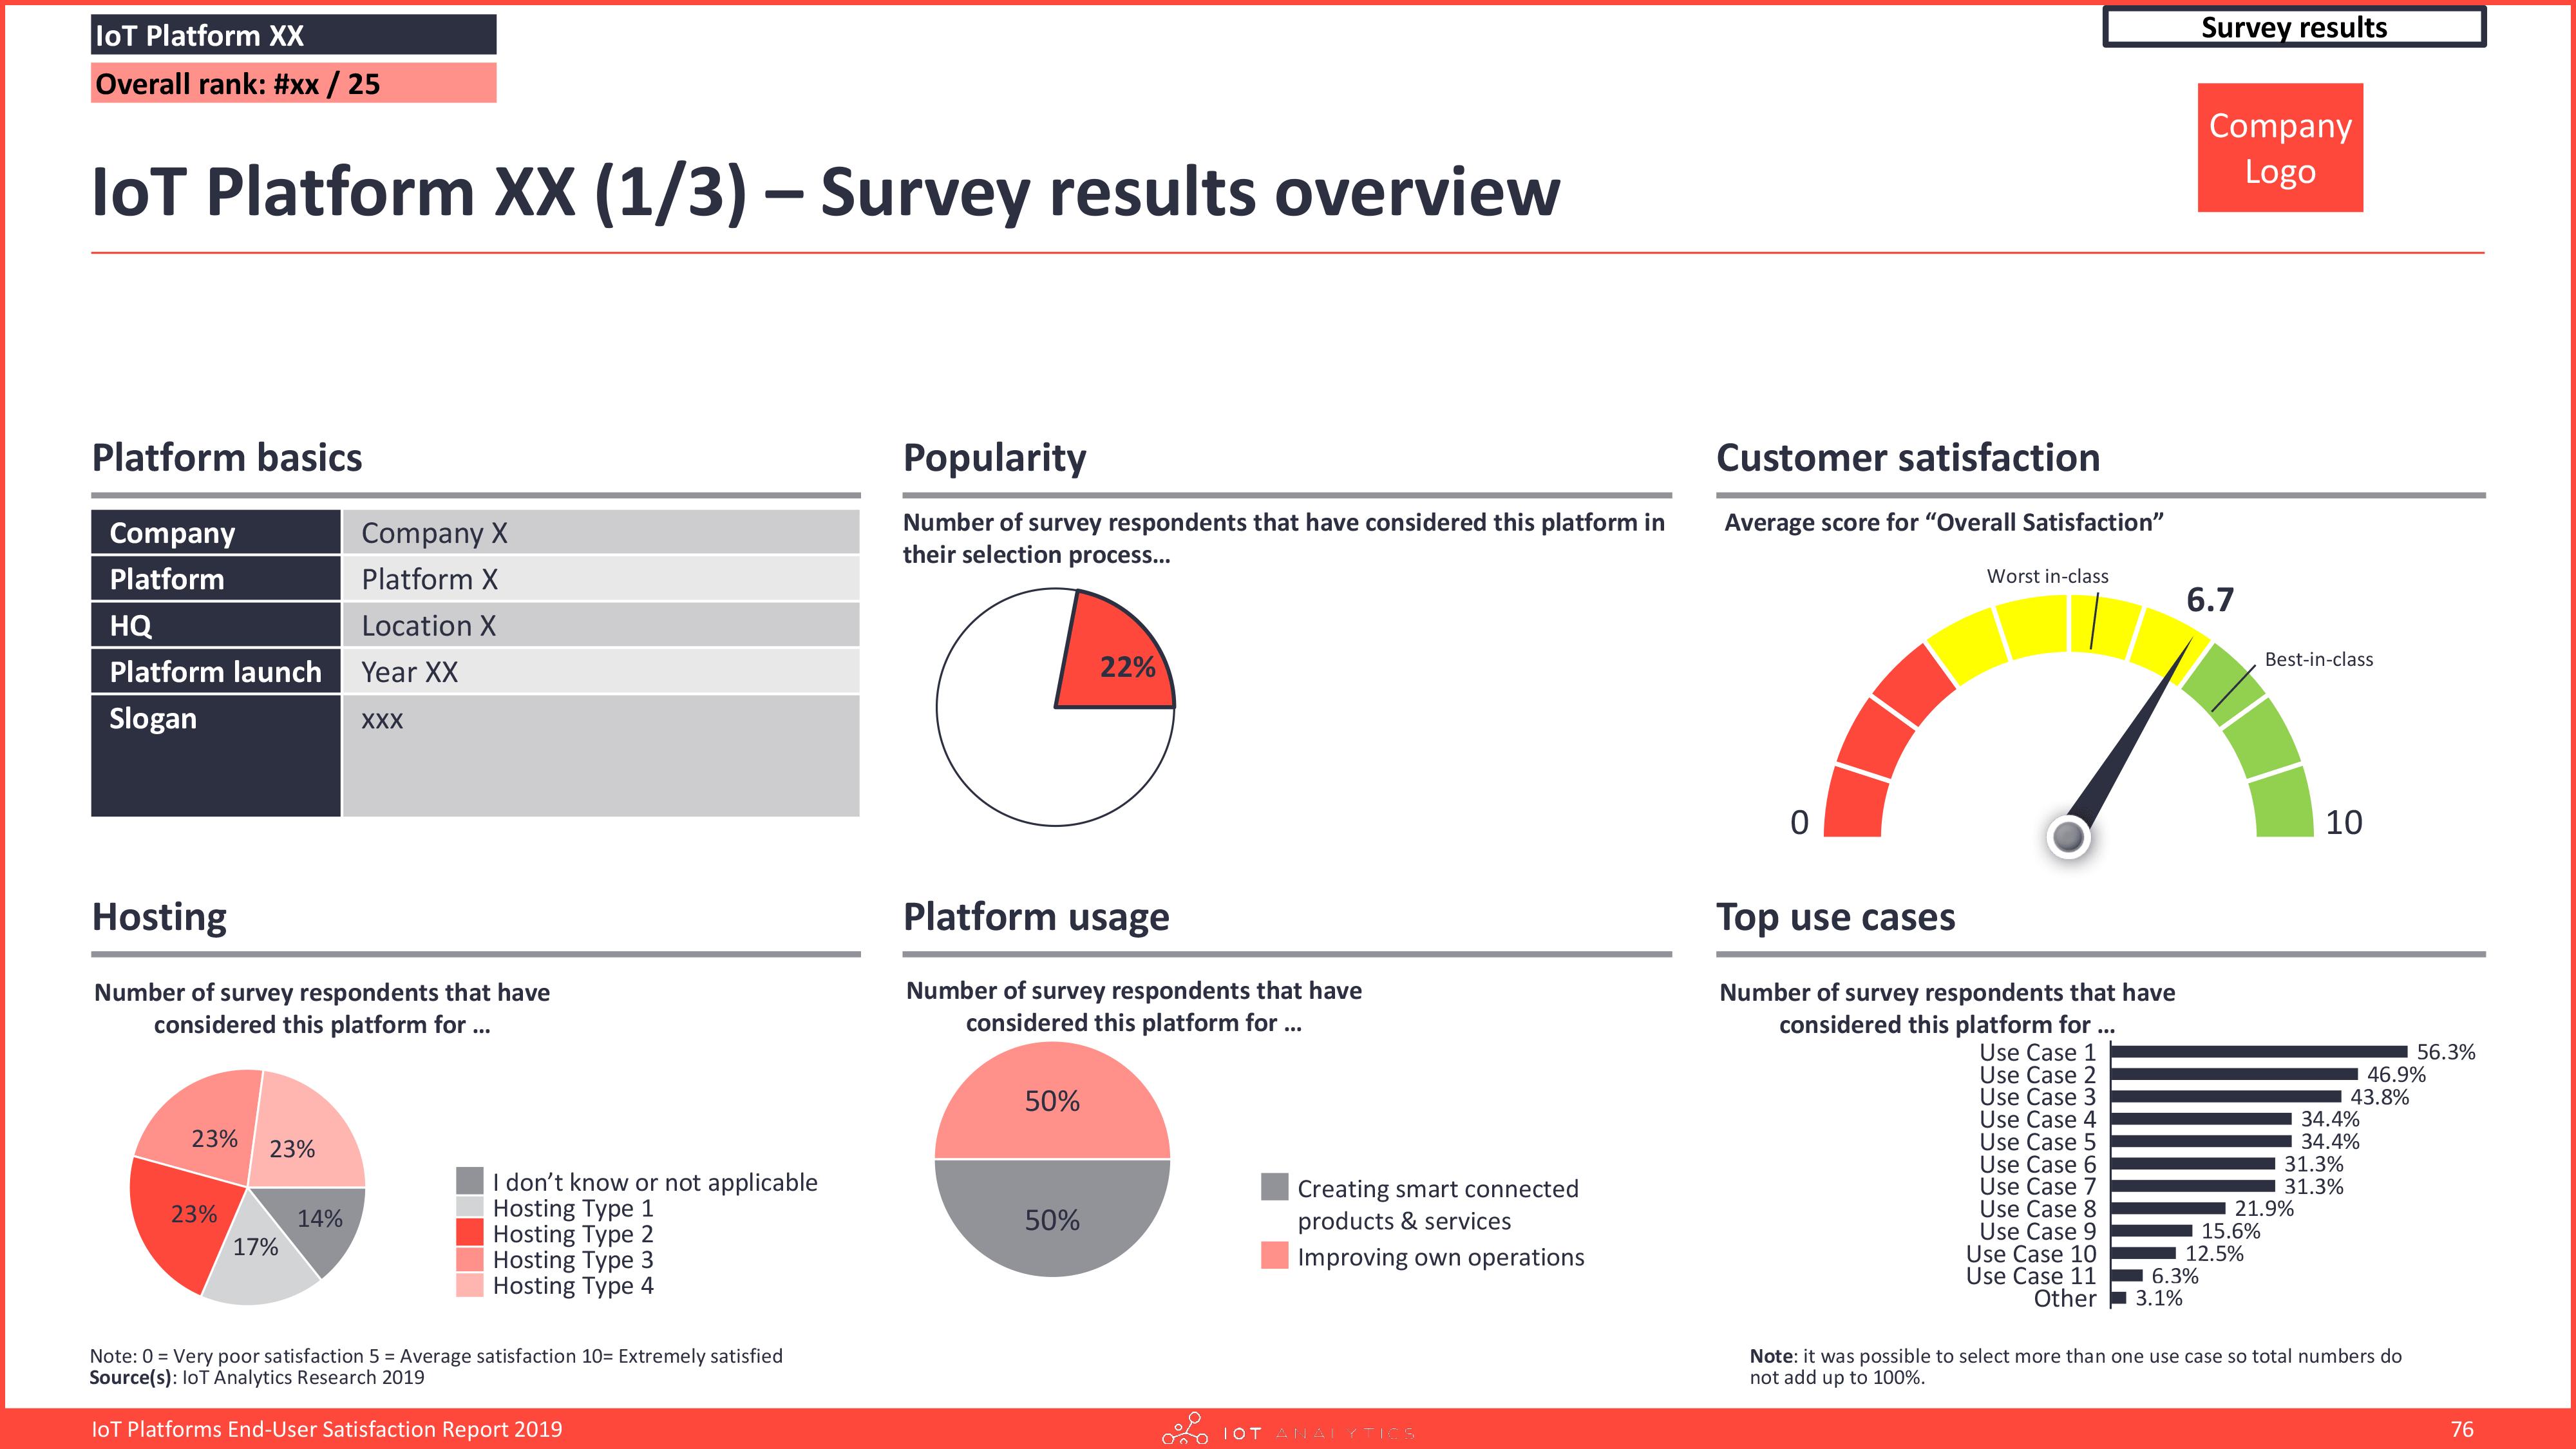 IoT Platforms End User Satisfaction Report 2019